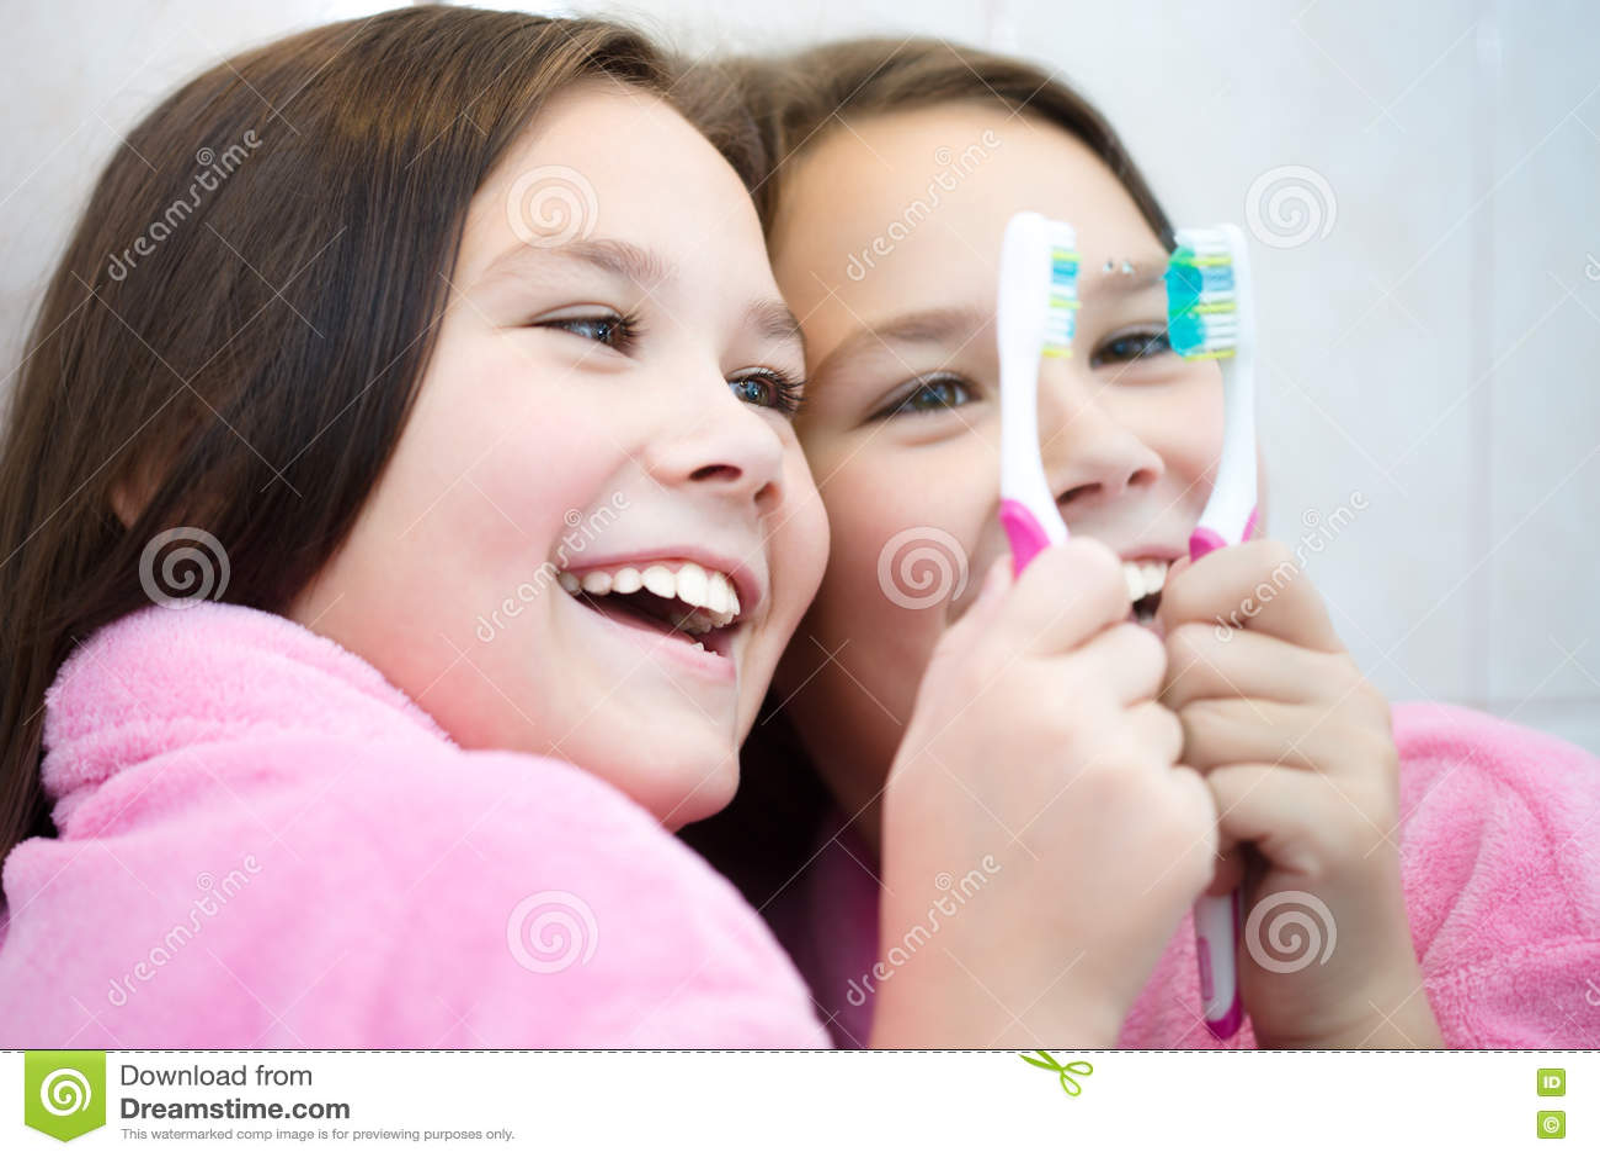 La muchacha aplica sus dientes con brocha